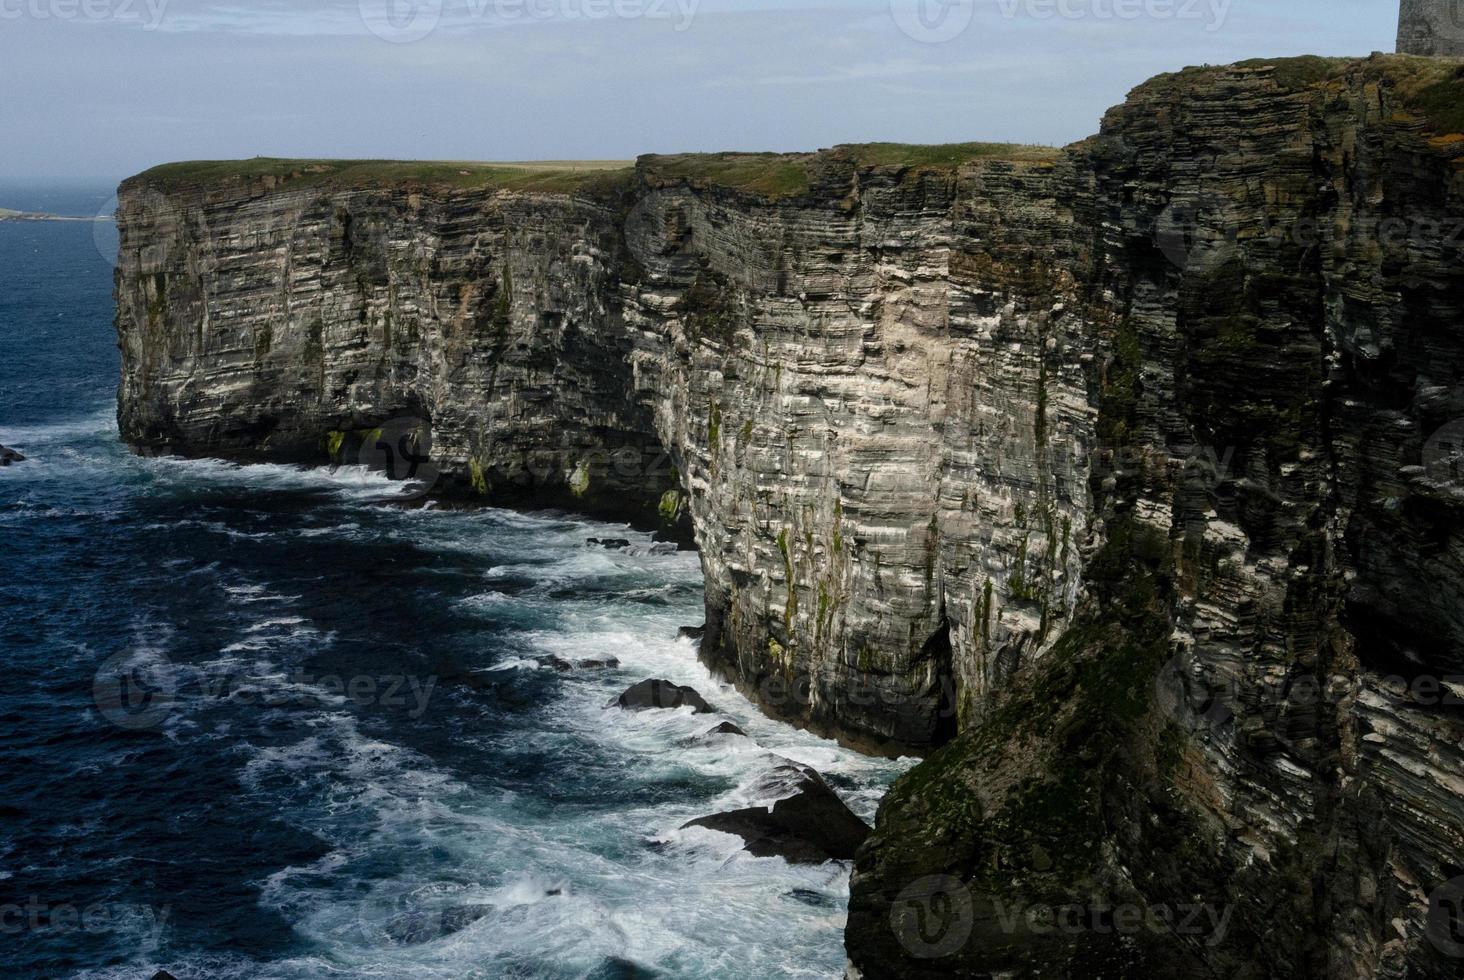 granieten kliffen in orkney foto